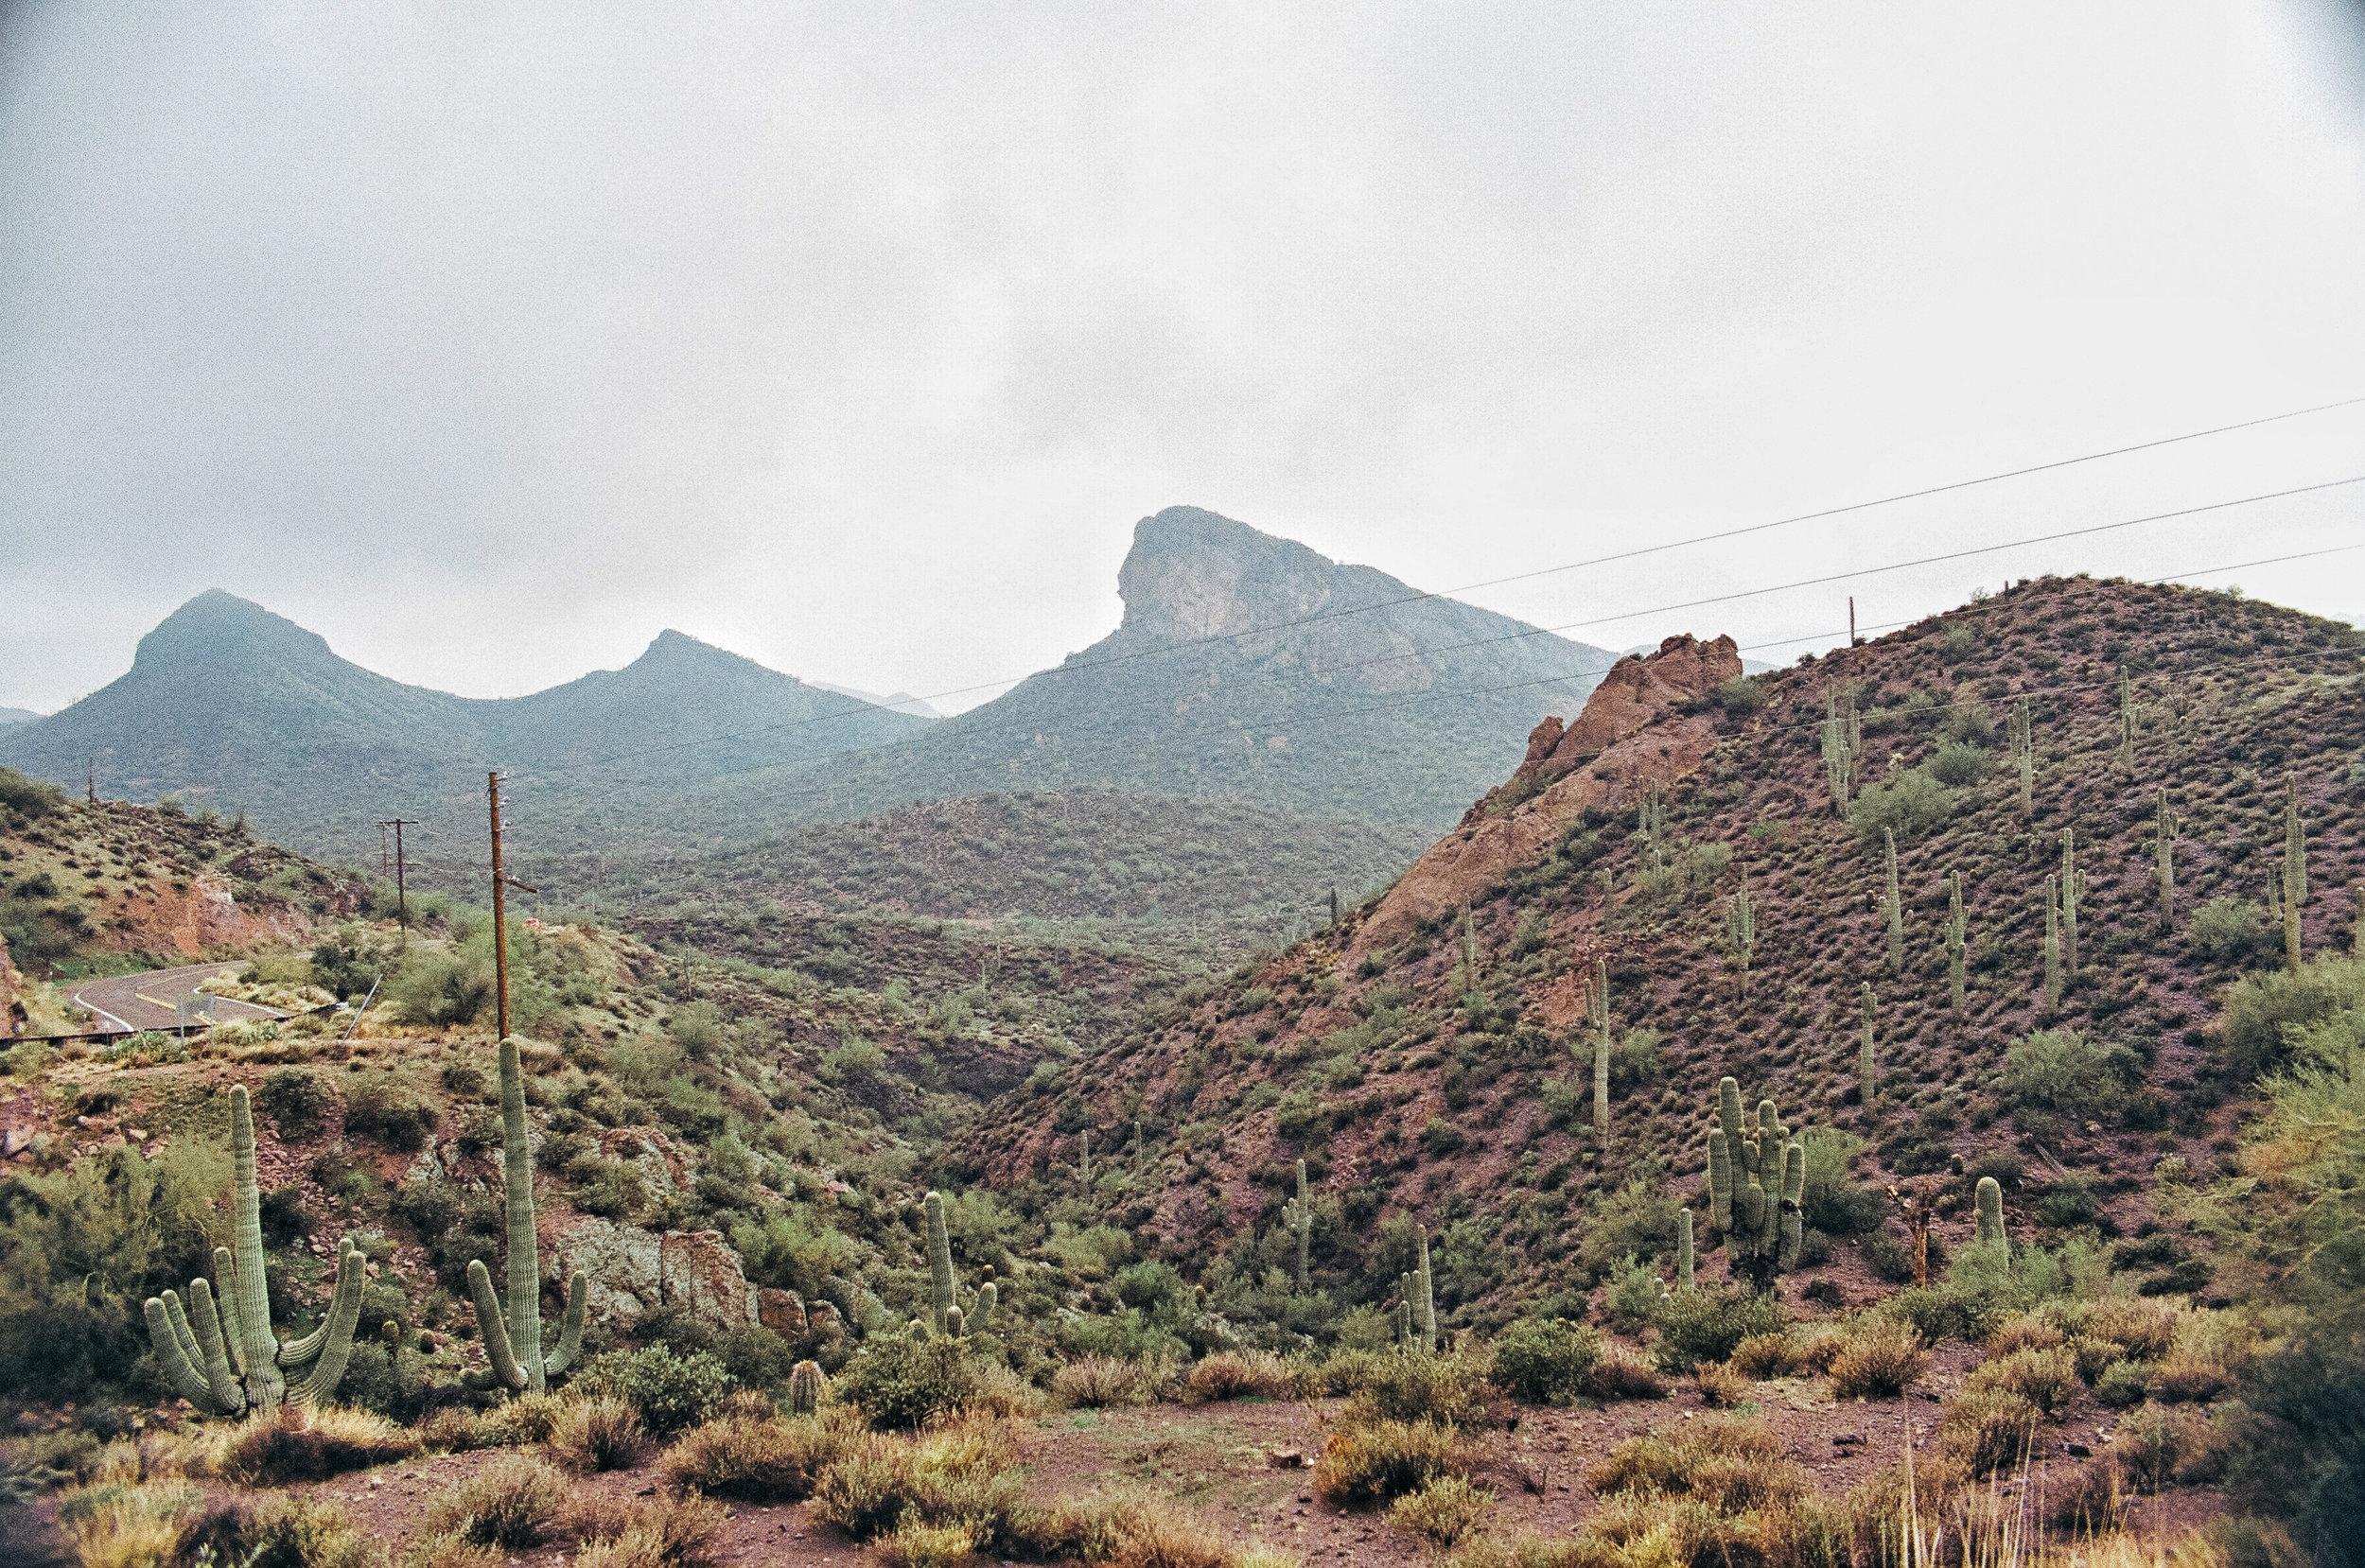 apache junction arizona